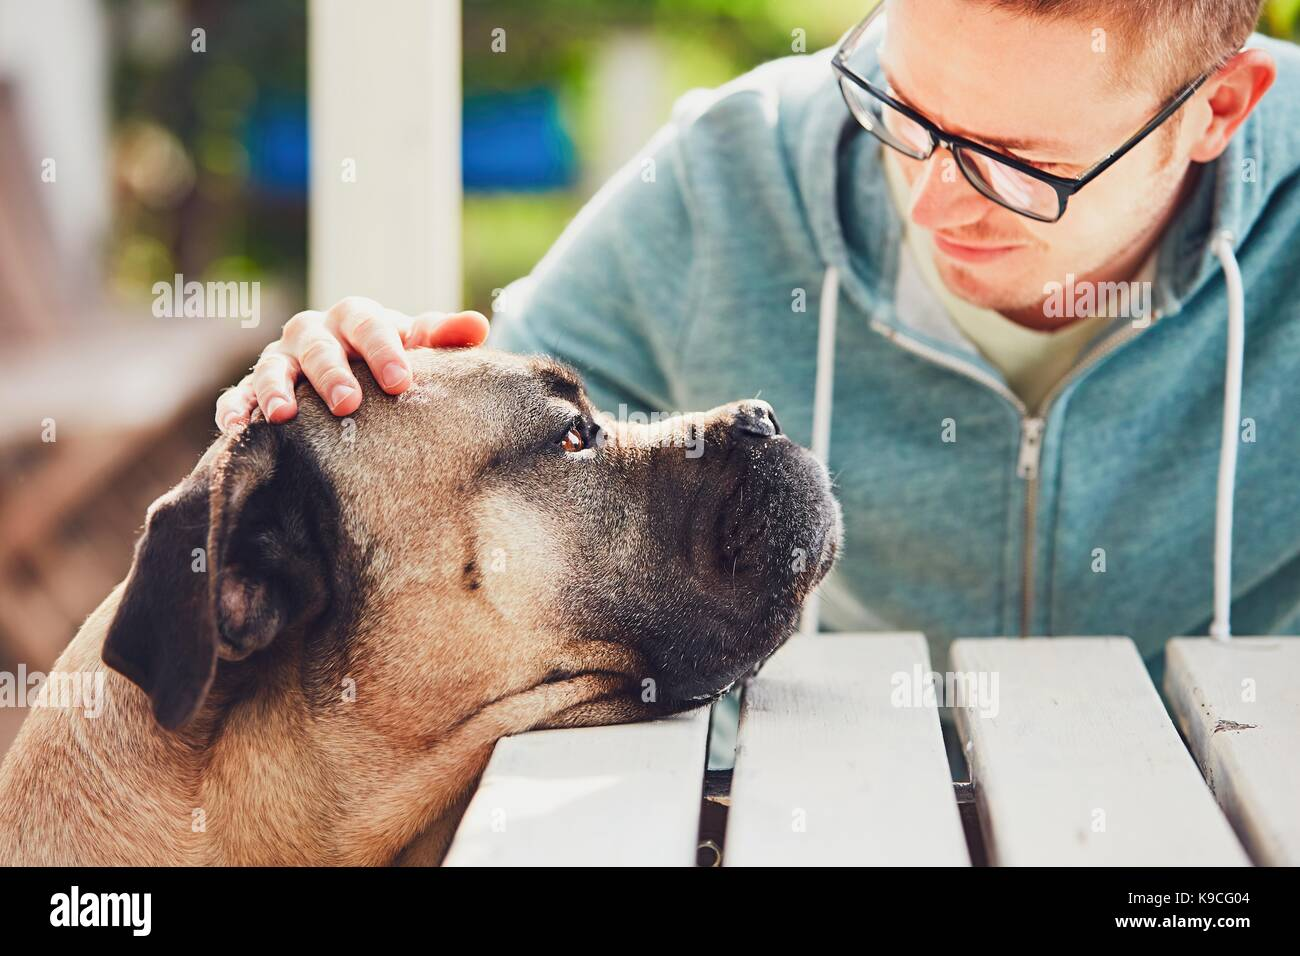 Regardez l'énorme consacrée. chien amitié entre jeune homme et cane corso chien. Photo Stock